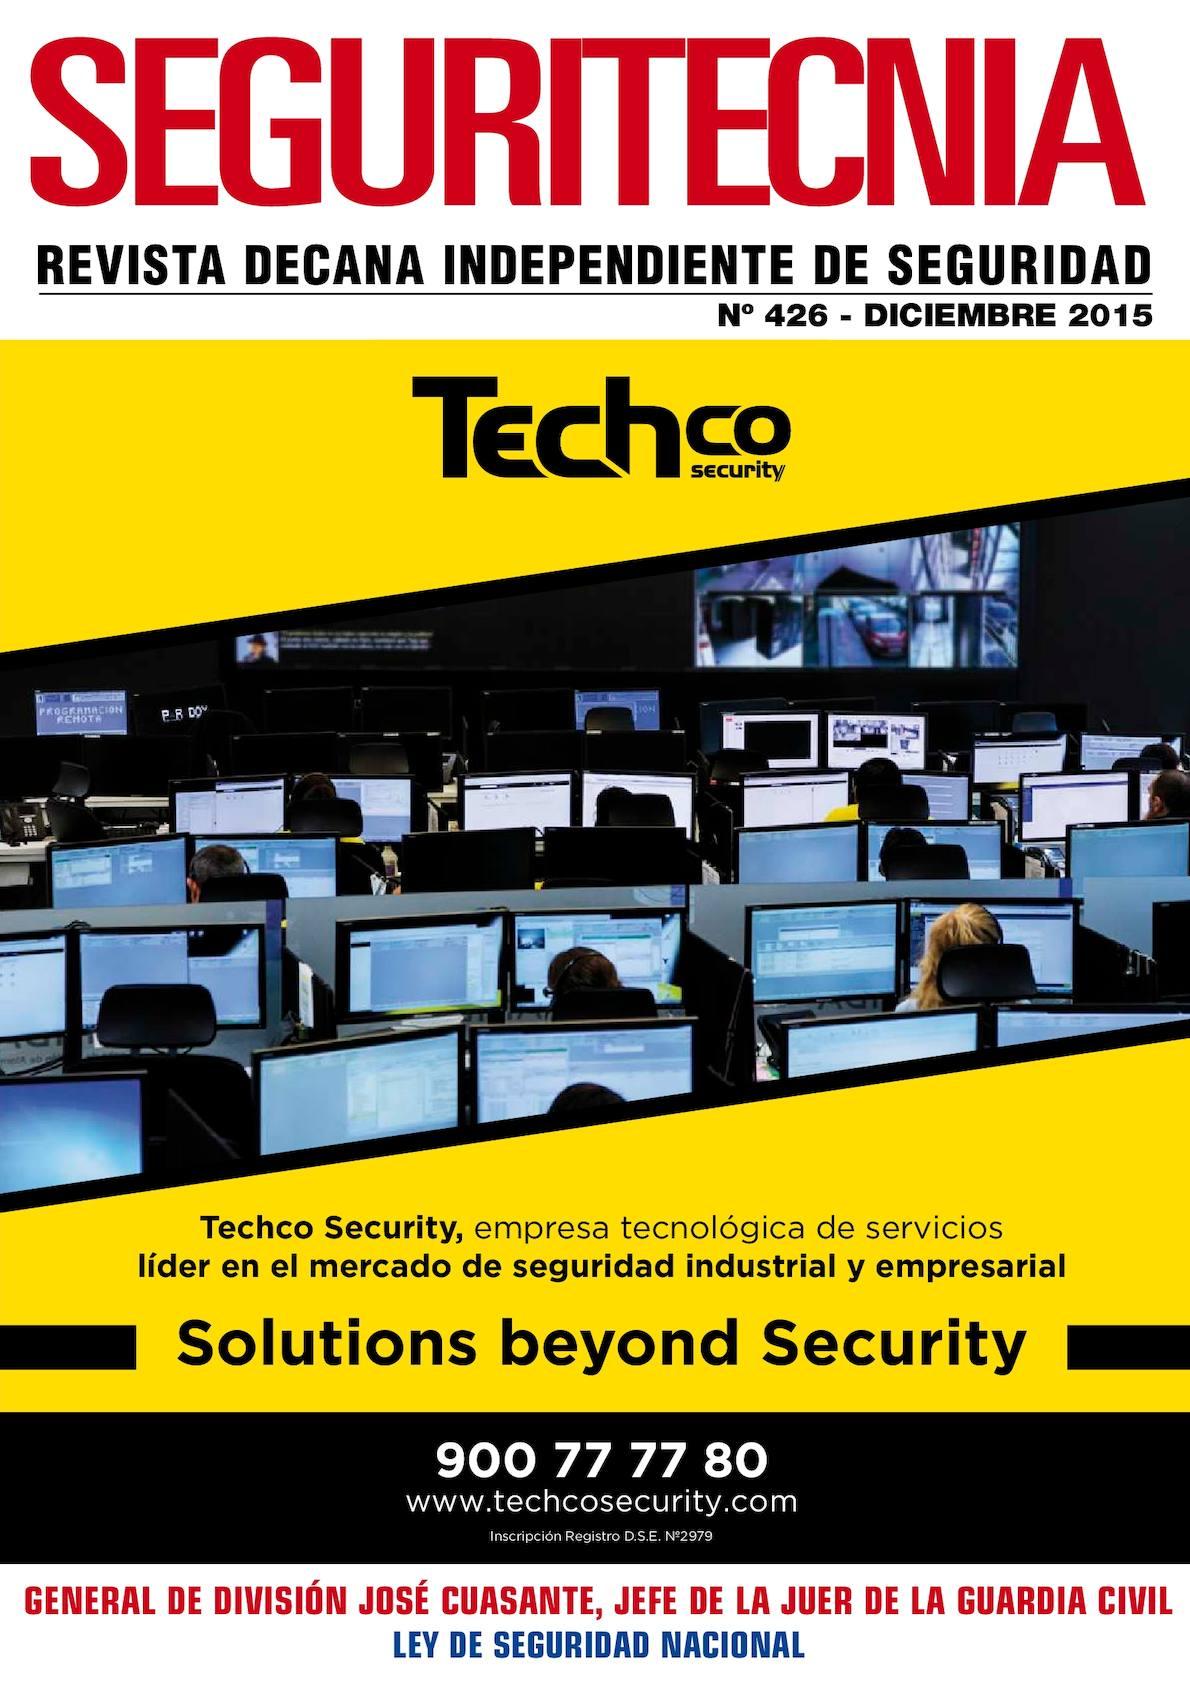 7f79675483a Calaméo - Reportaje sobre la Ley de Seguridad Nacional: